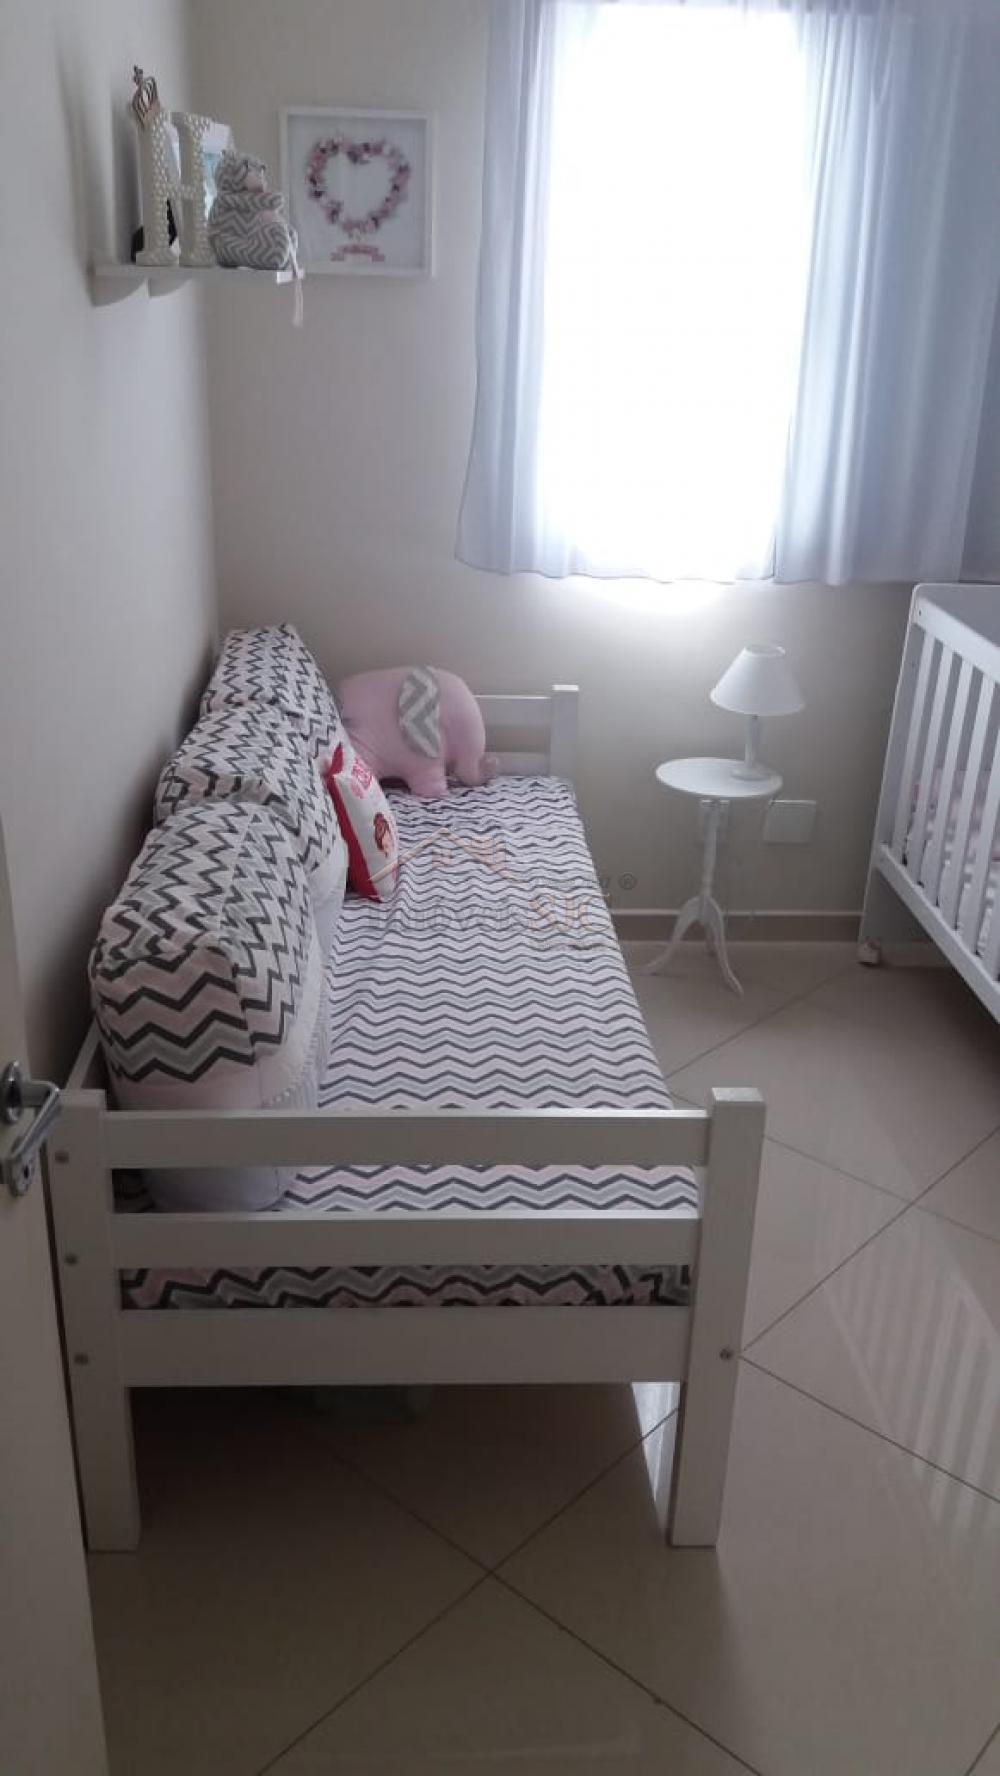 Comprar Apartamentos / Padrão em São José dos Campos apenas R$ 275.000,00 - Foto 9